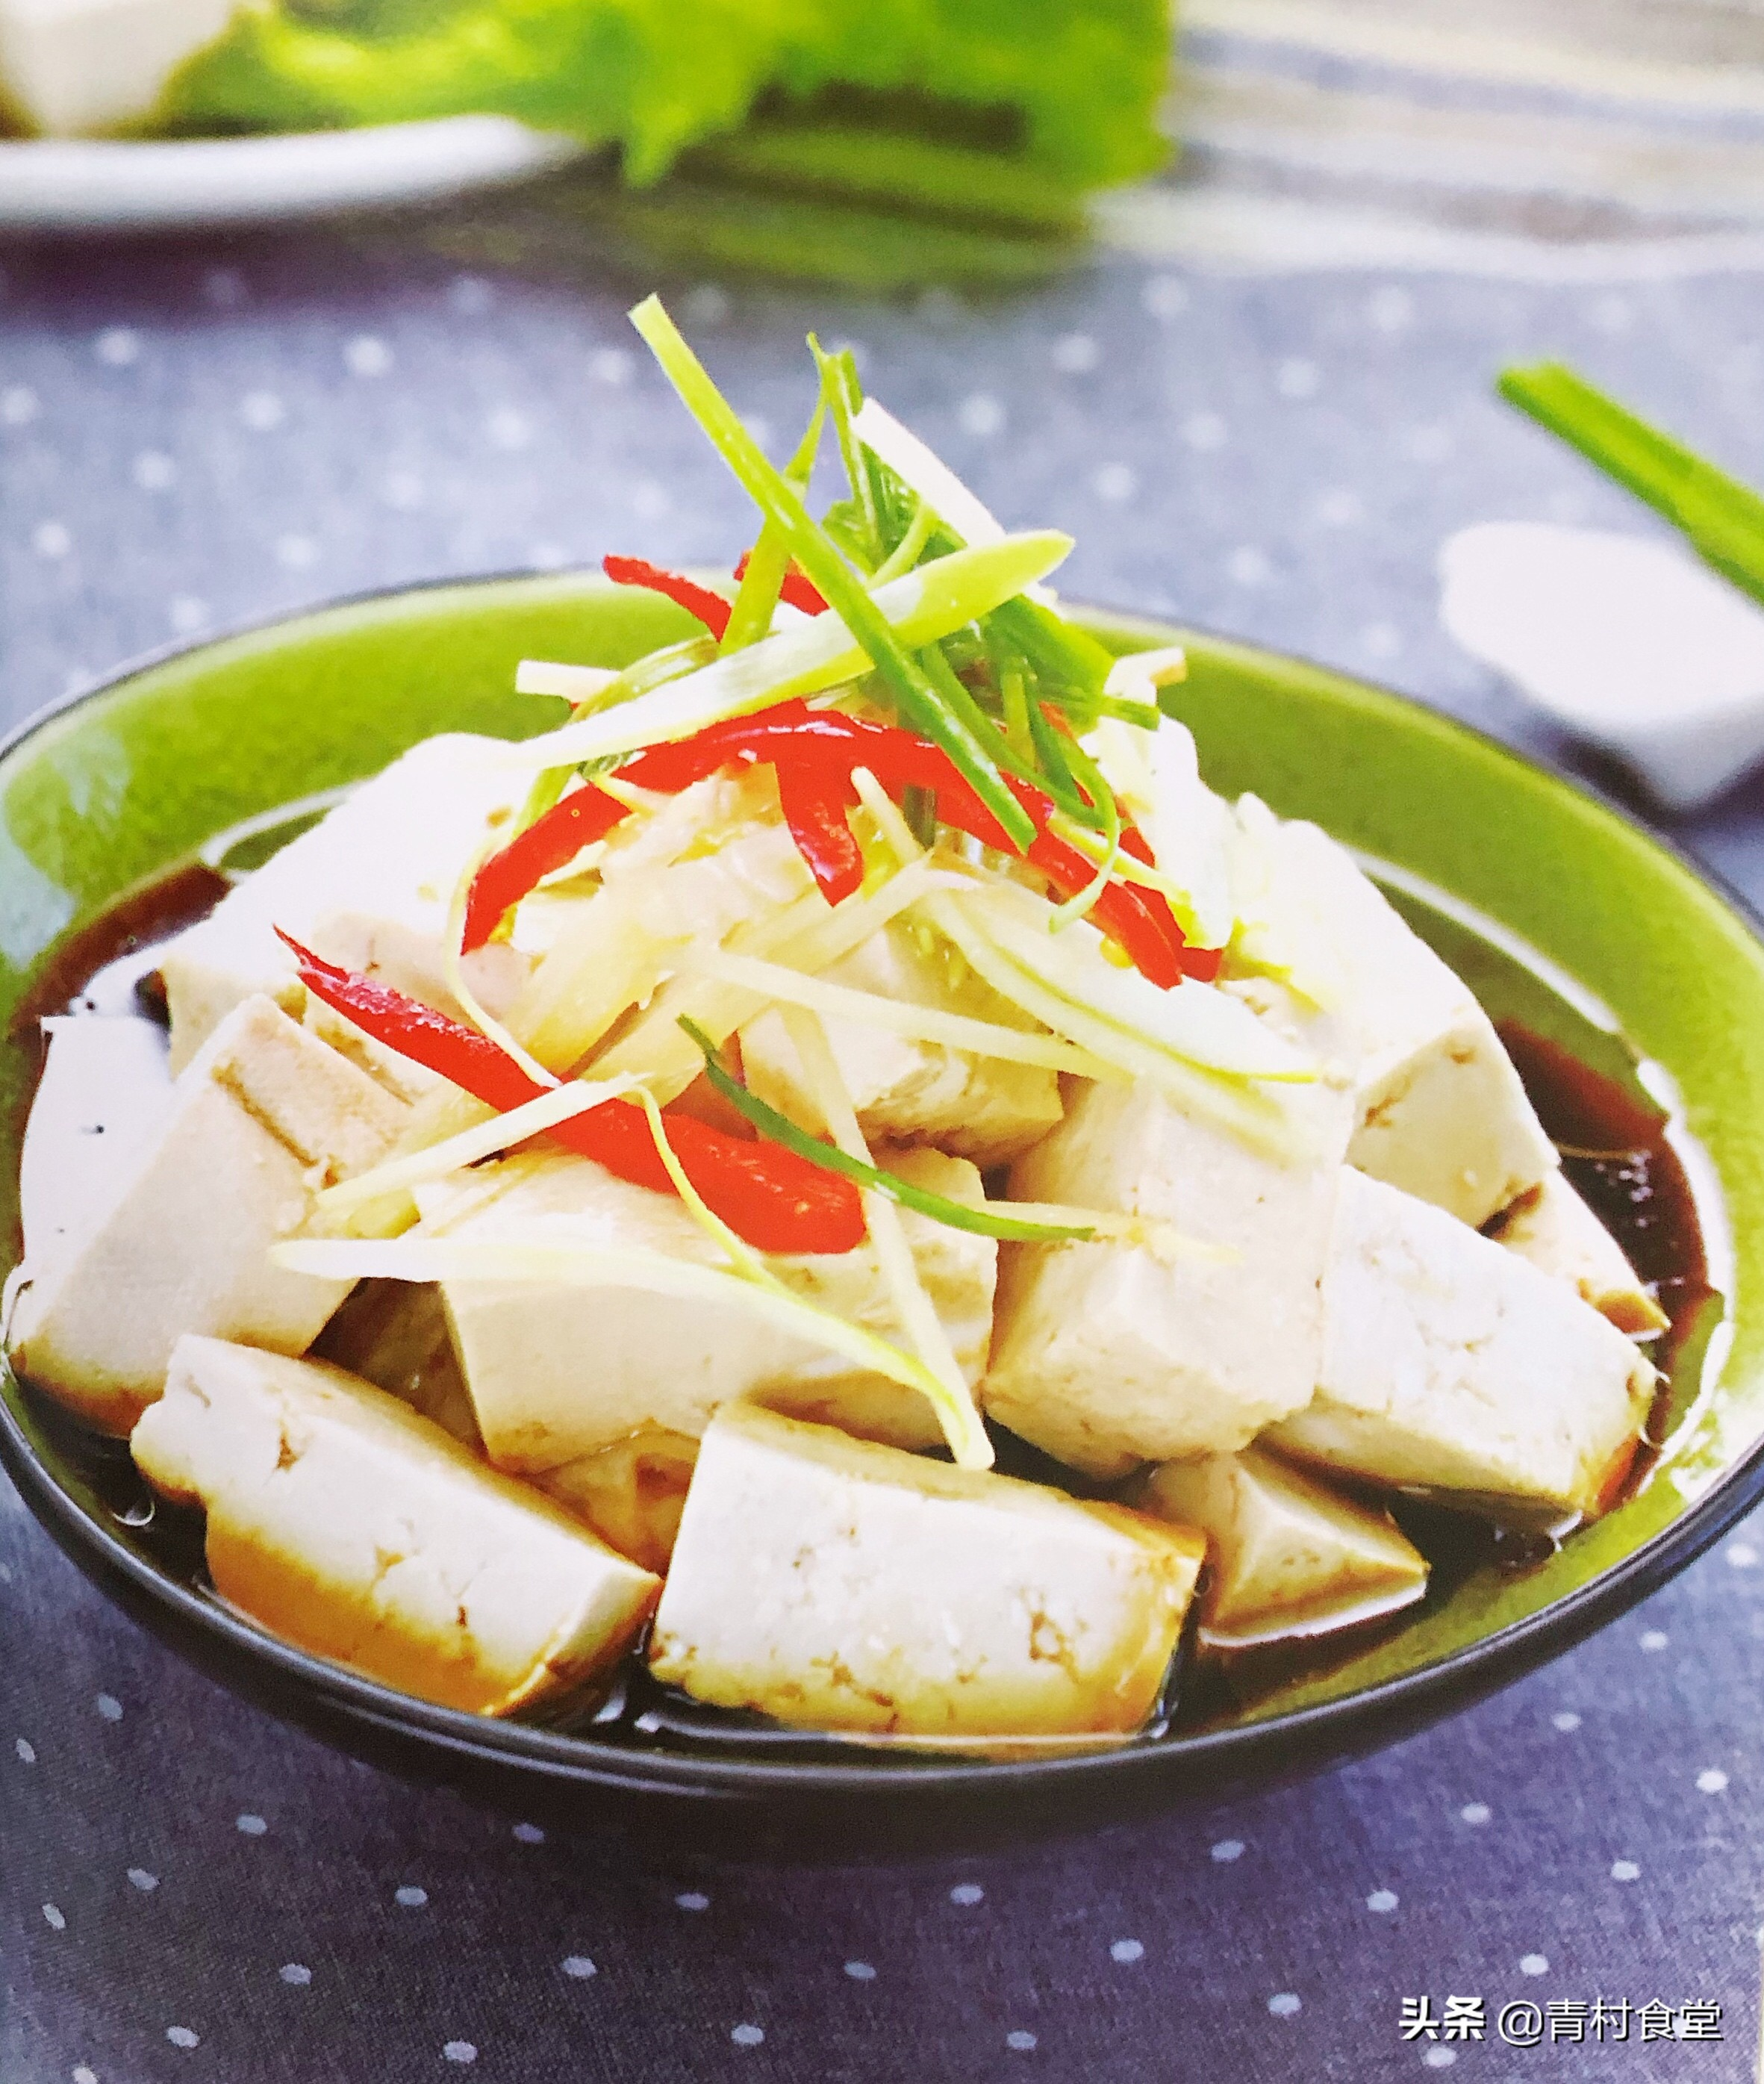 你知道北豆腐和南豆腐的区别吗? 美食做法 第2张